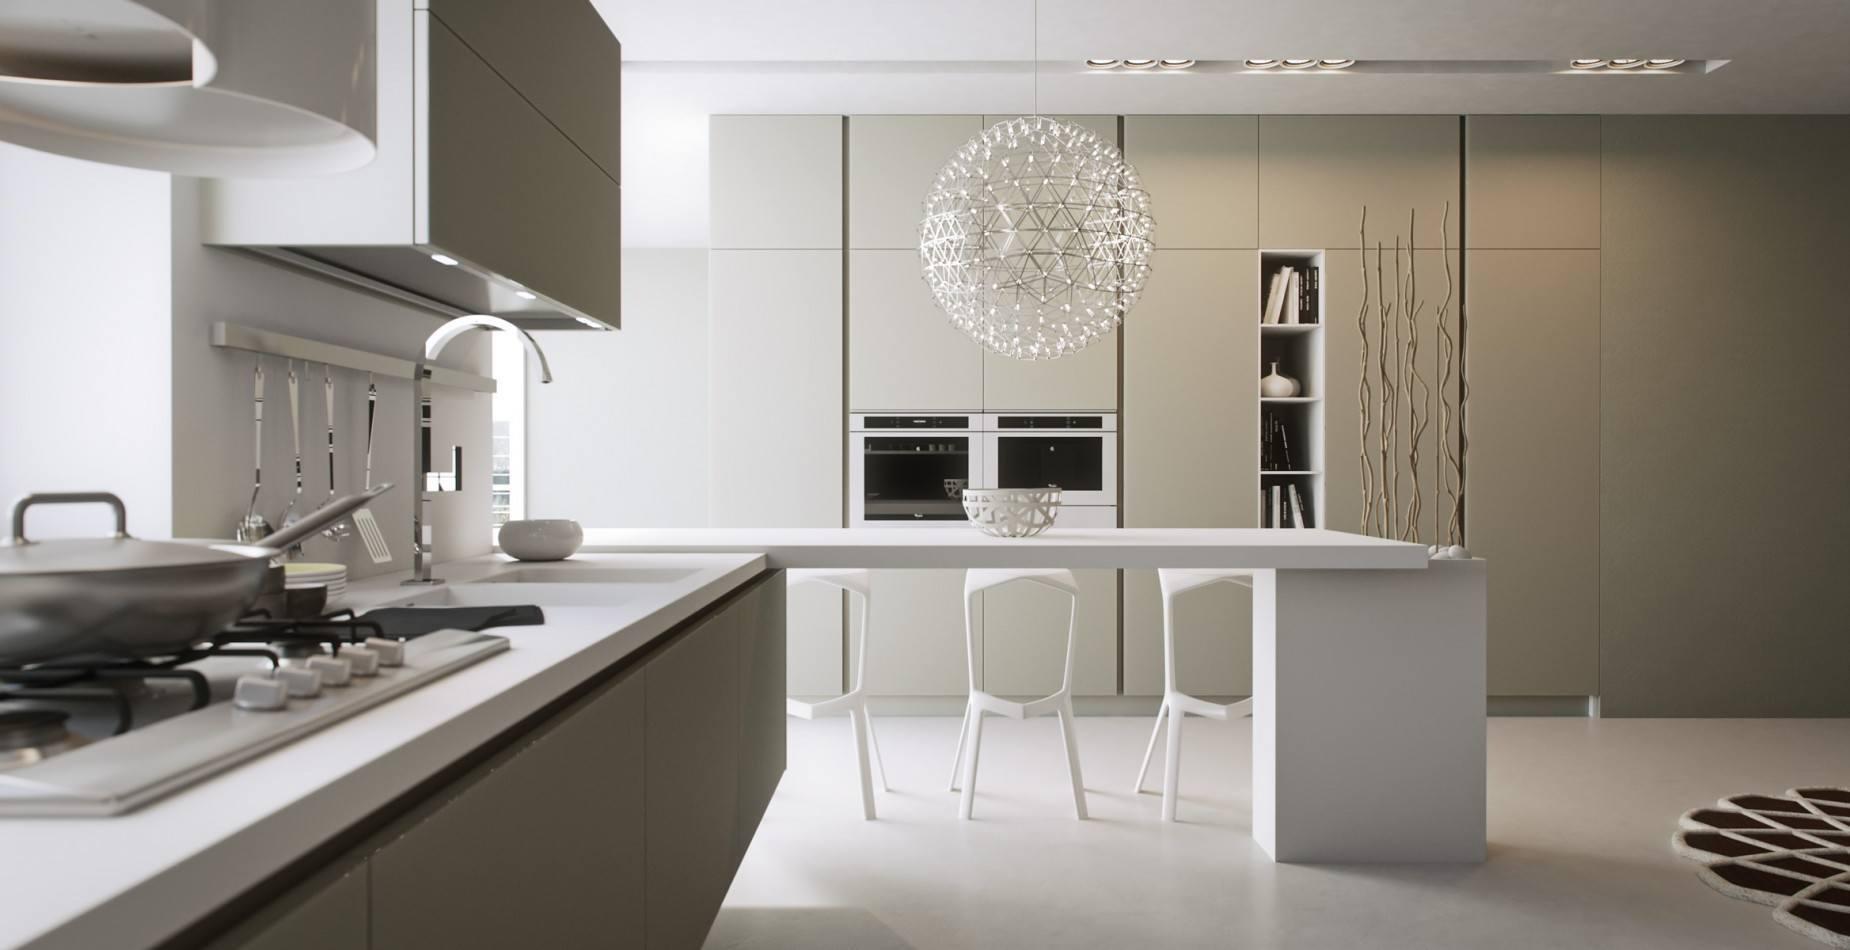 Decotips la cocina el nuevo sal n de casa virlova style - Lo ultimo en cocinas ...